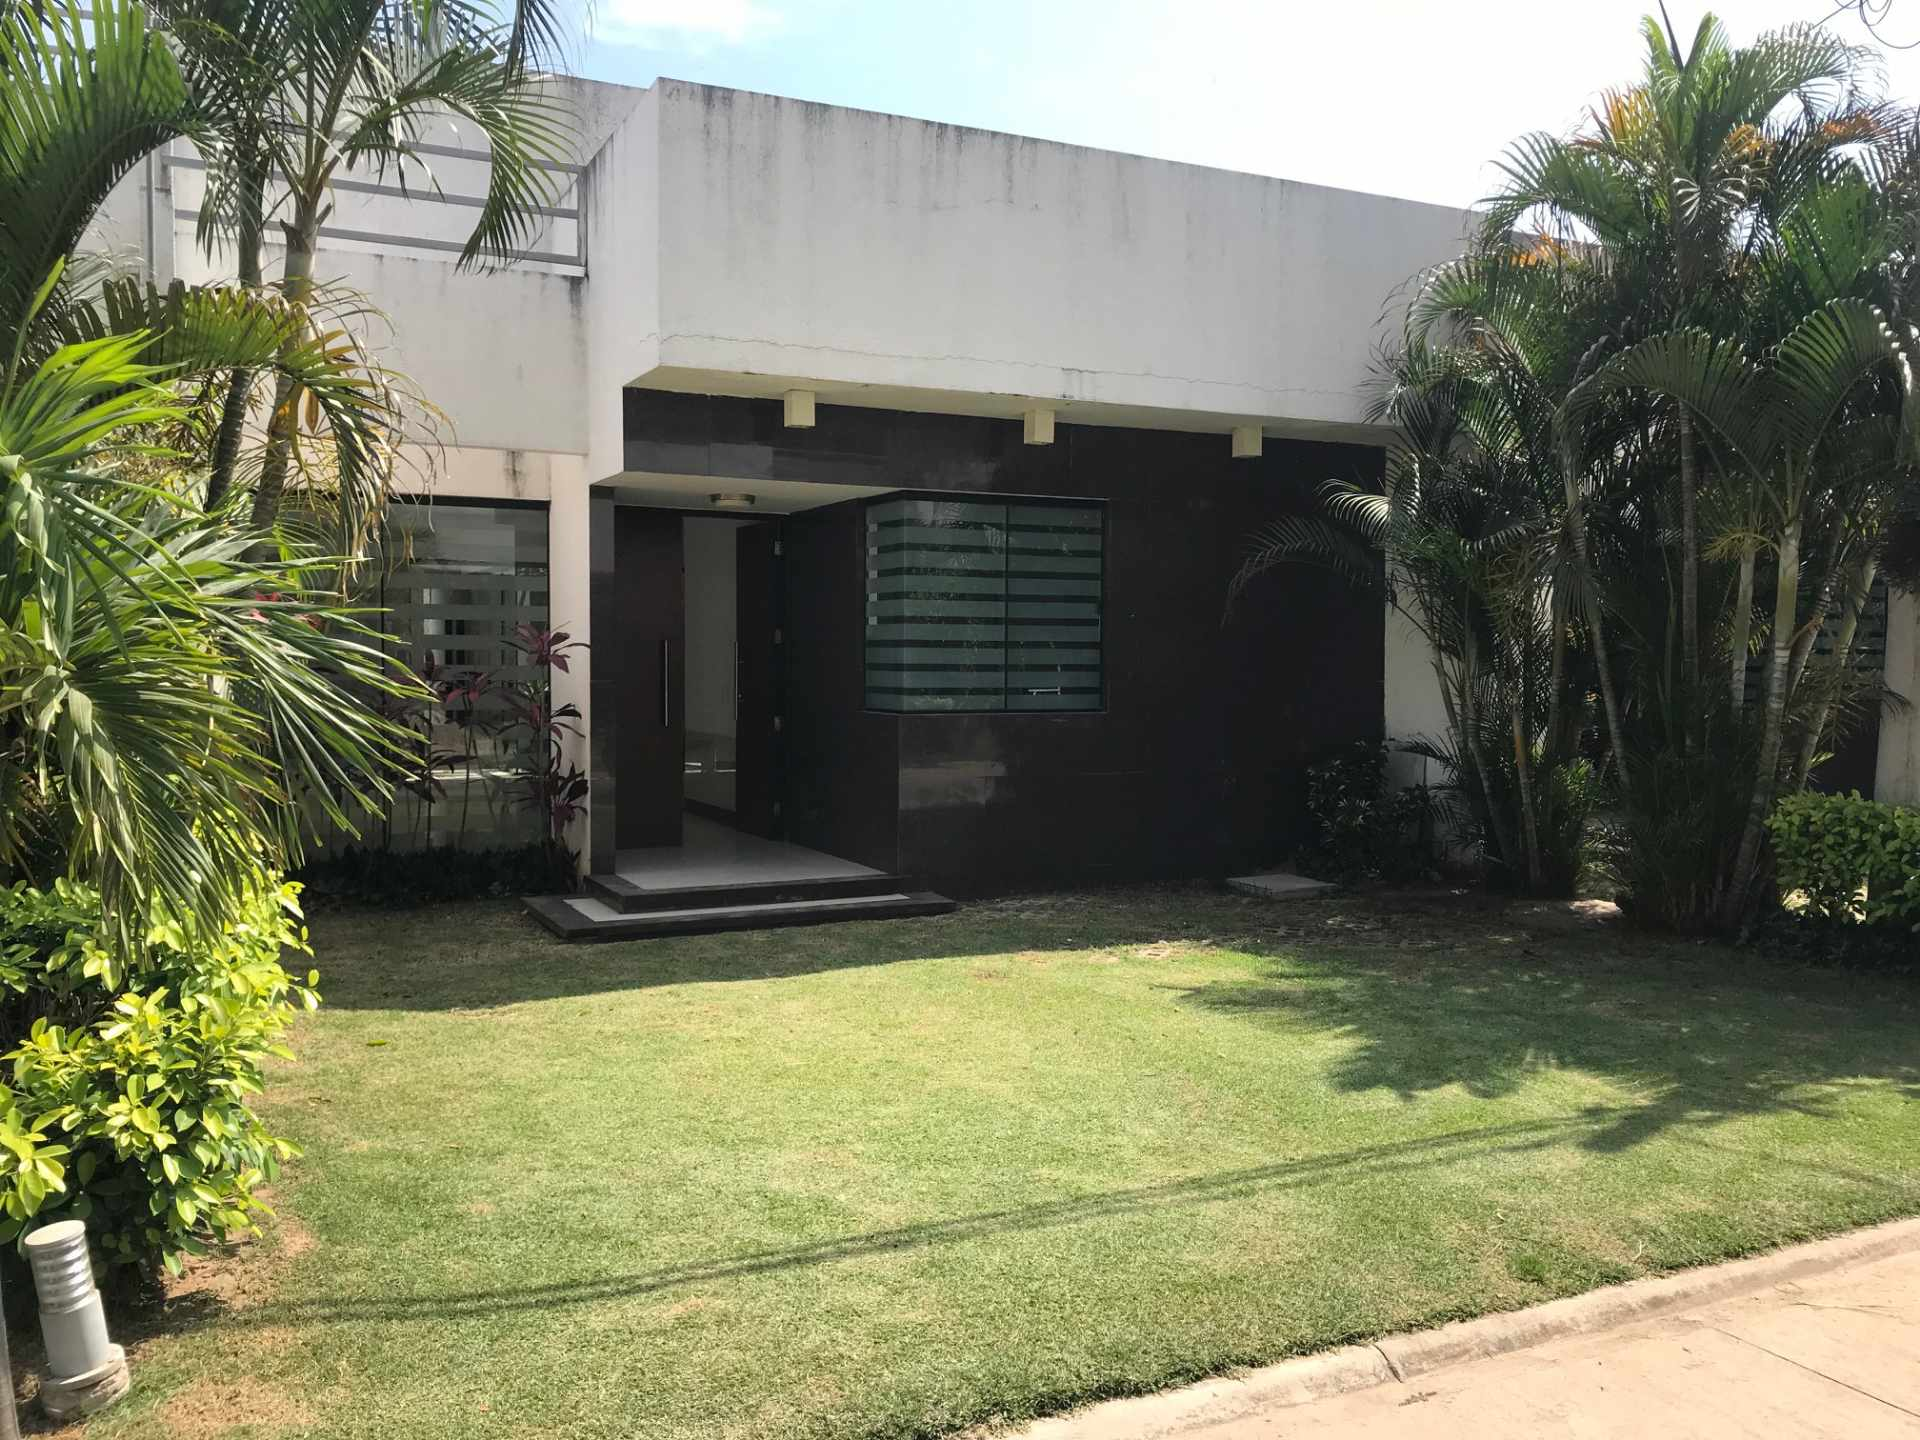 Casa en Venta Condominio Mónaco Av. Banzer y 7mo anillo entrando hacia el oeste 8 cuadras.  Foto 3